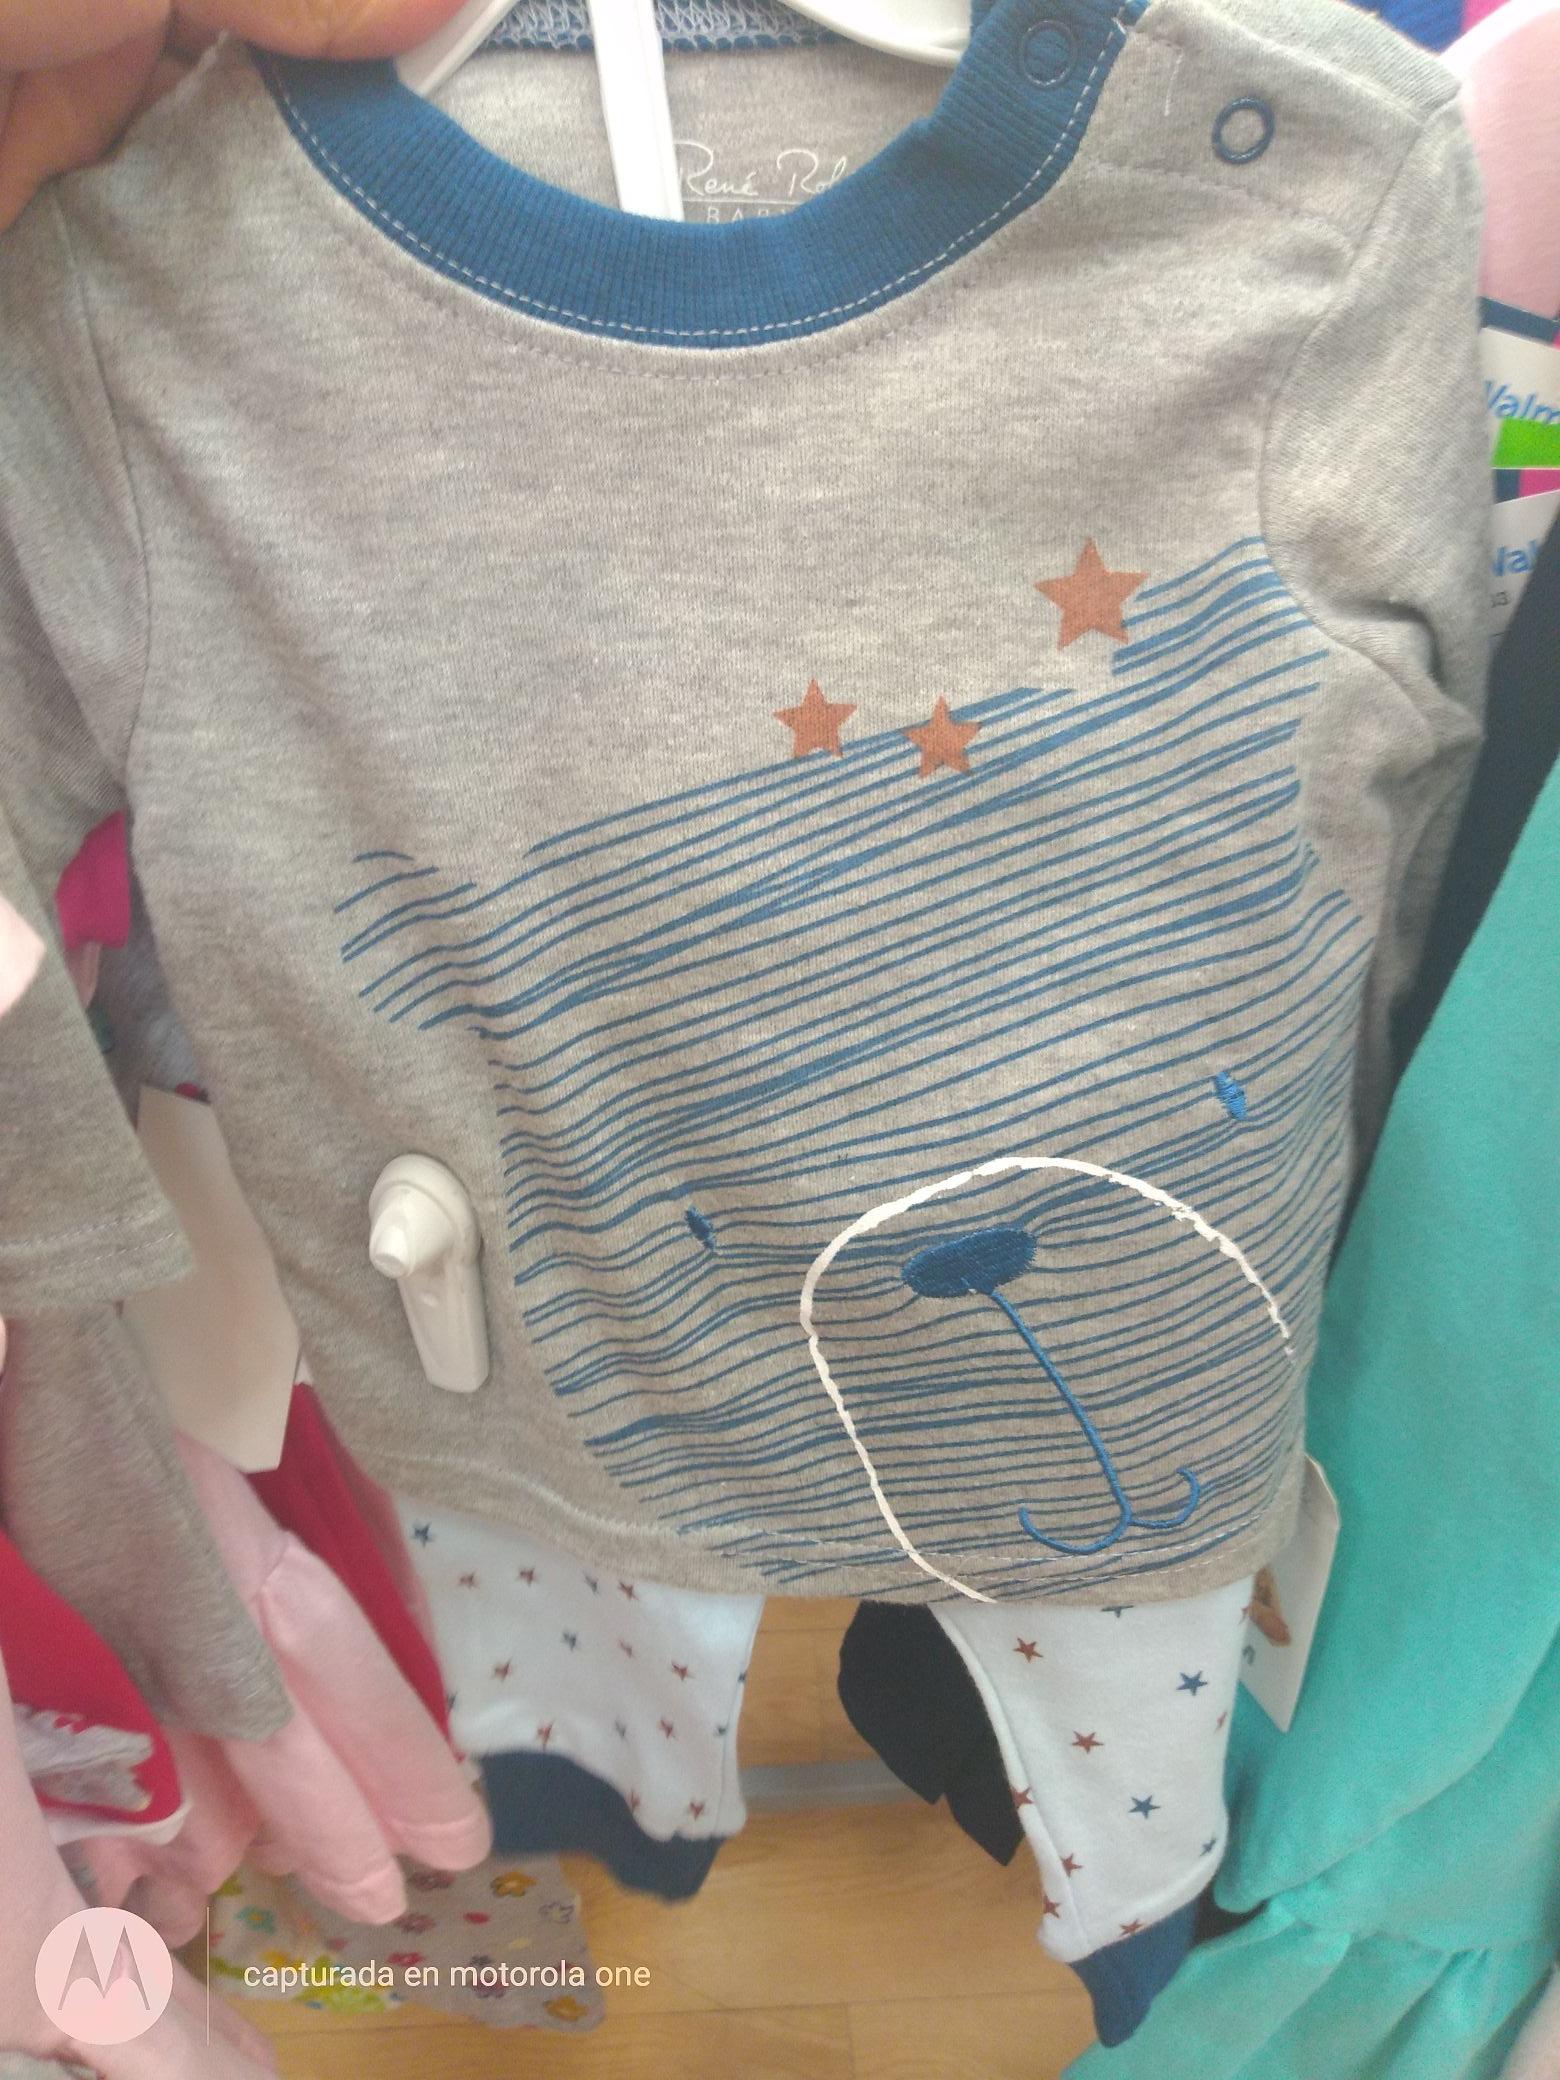 Walmart Símbolos Patrios Oax: conjunto para bebé pantalón y sudadera $60.02, ropa de bebé, alimentos y promocoraje